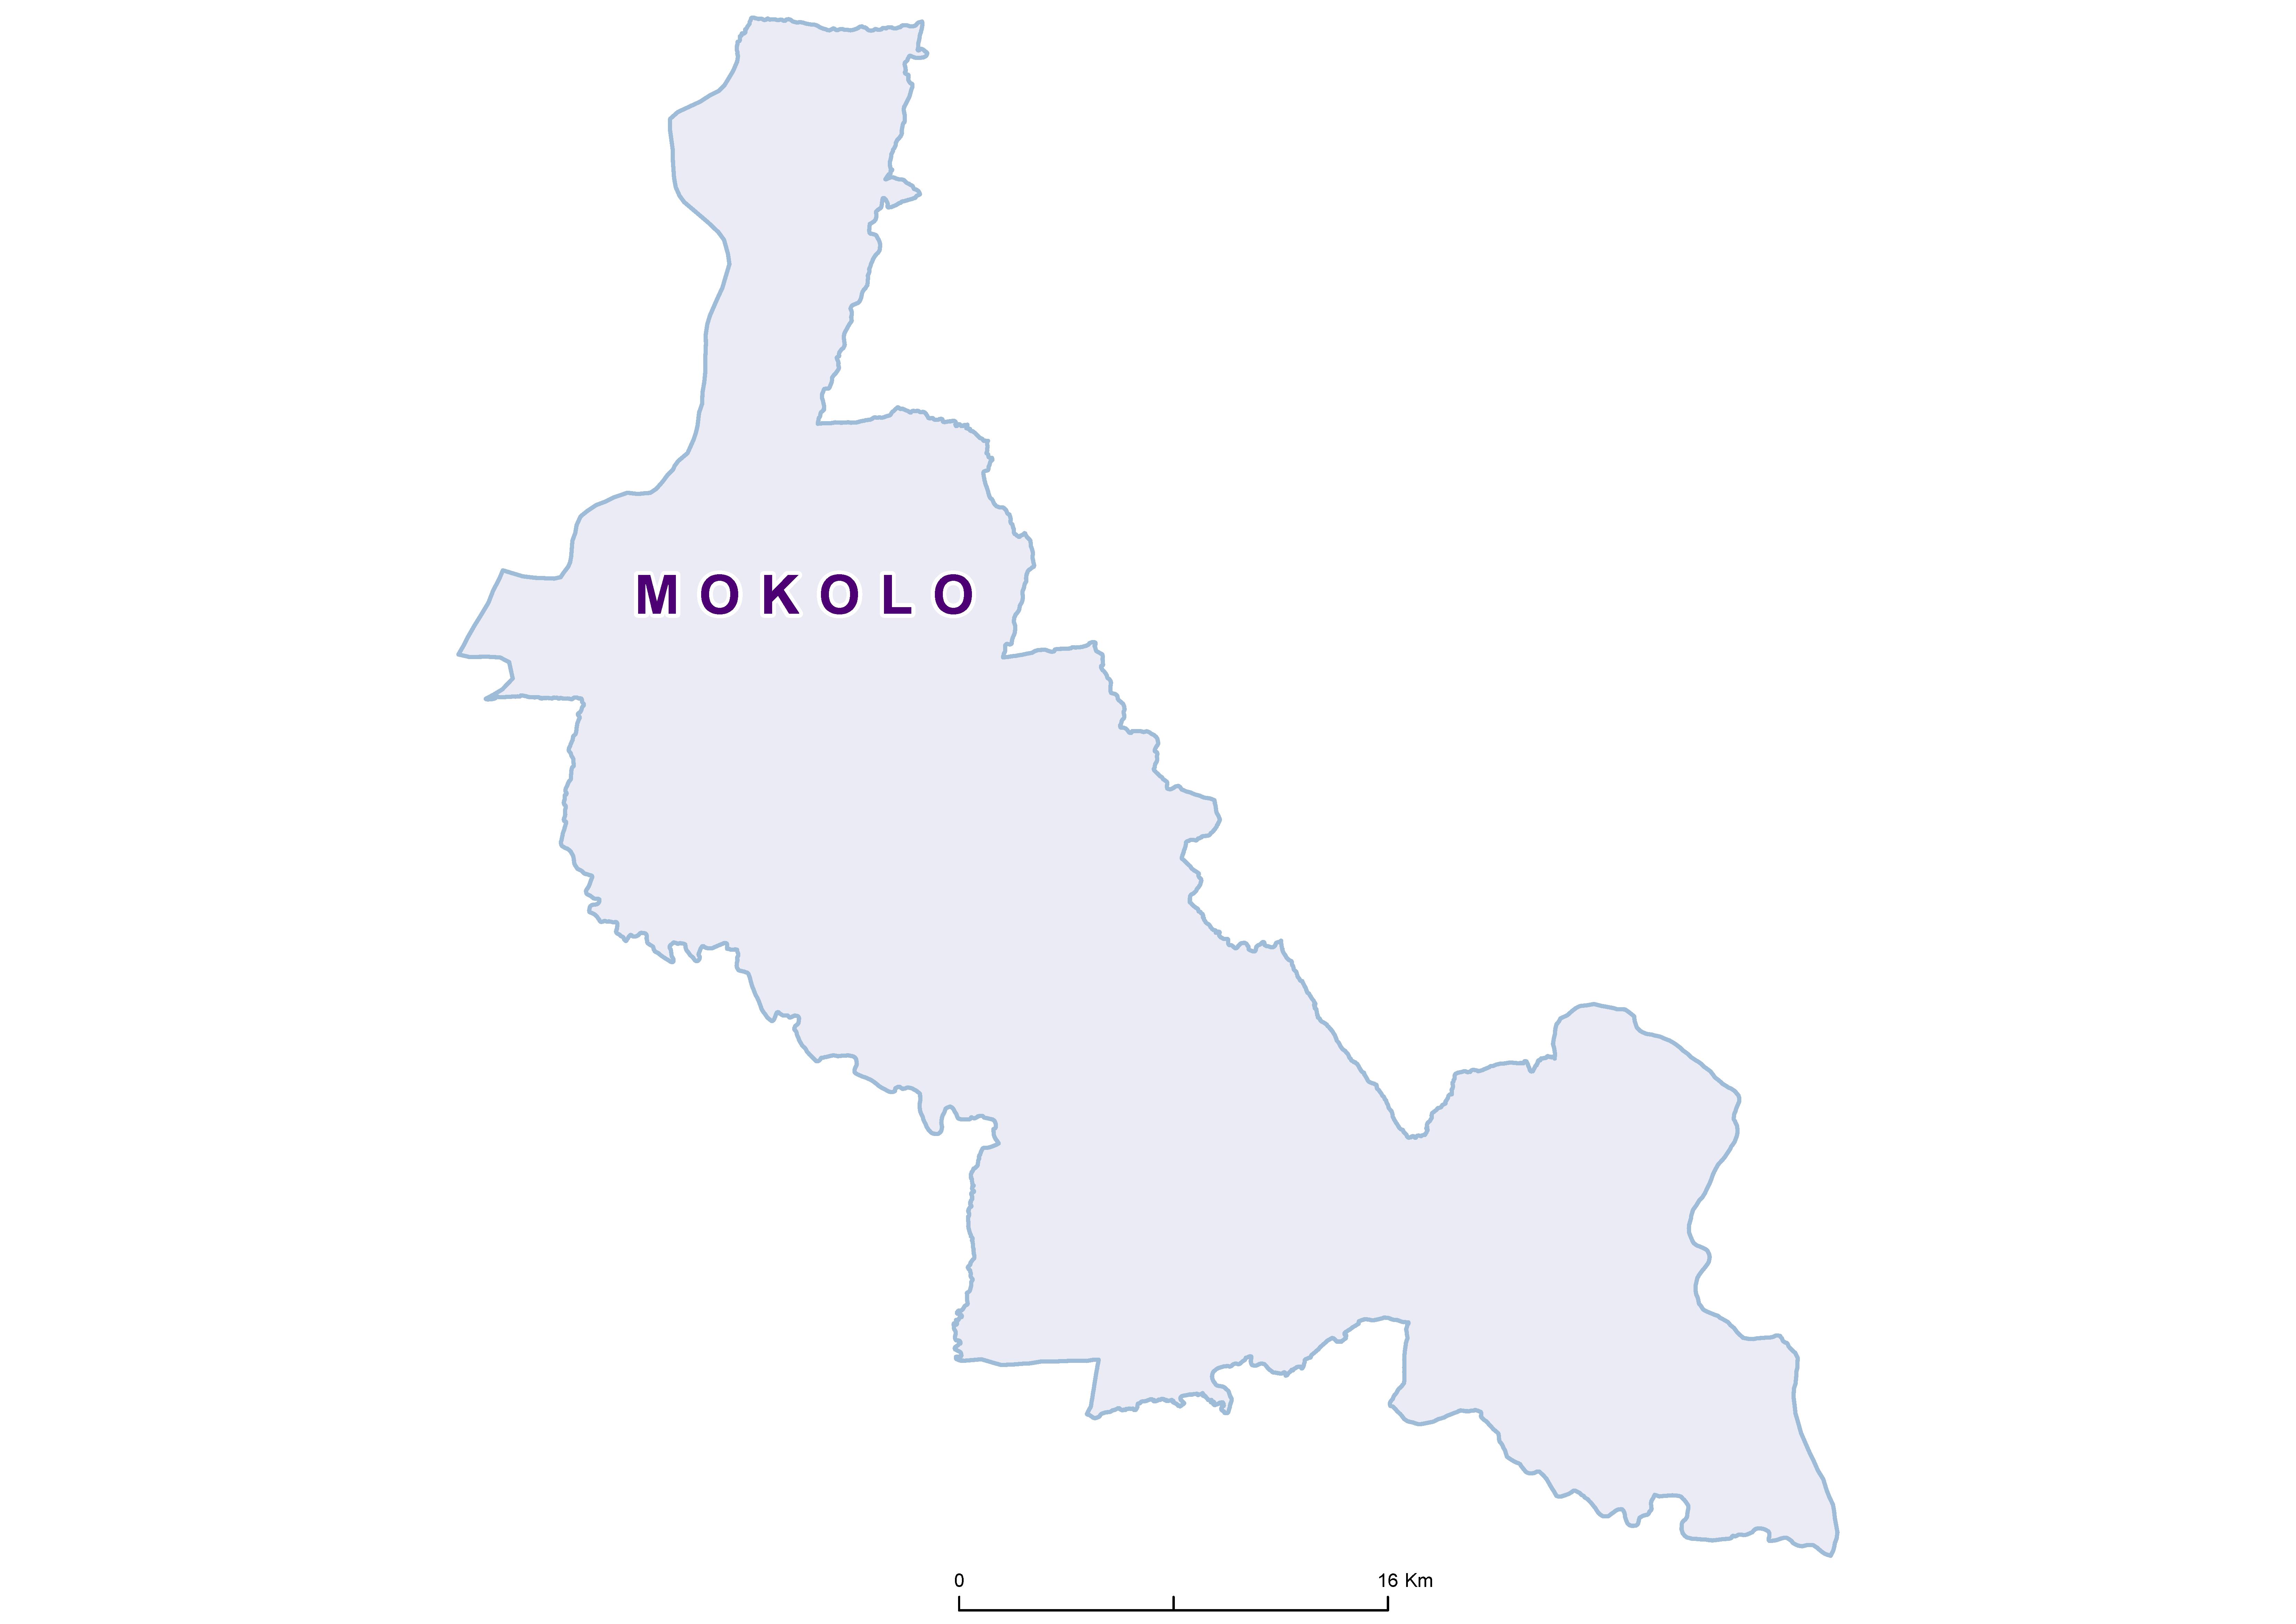 Mokolo Max STH 20180001